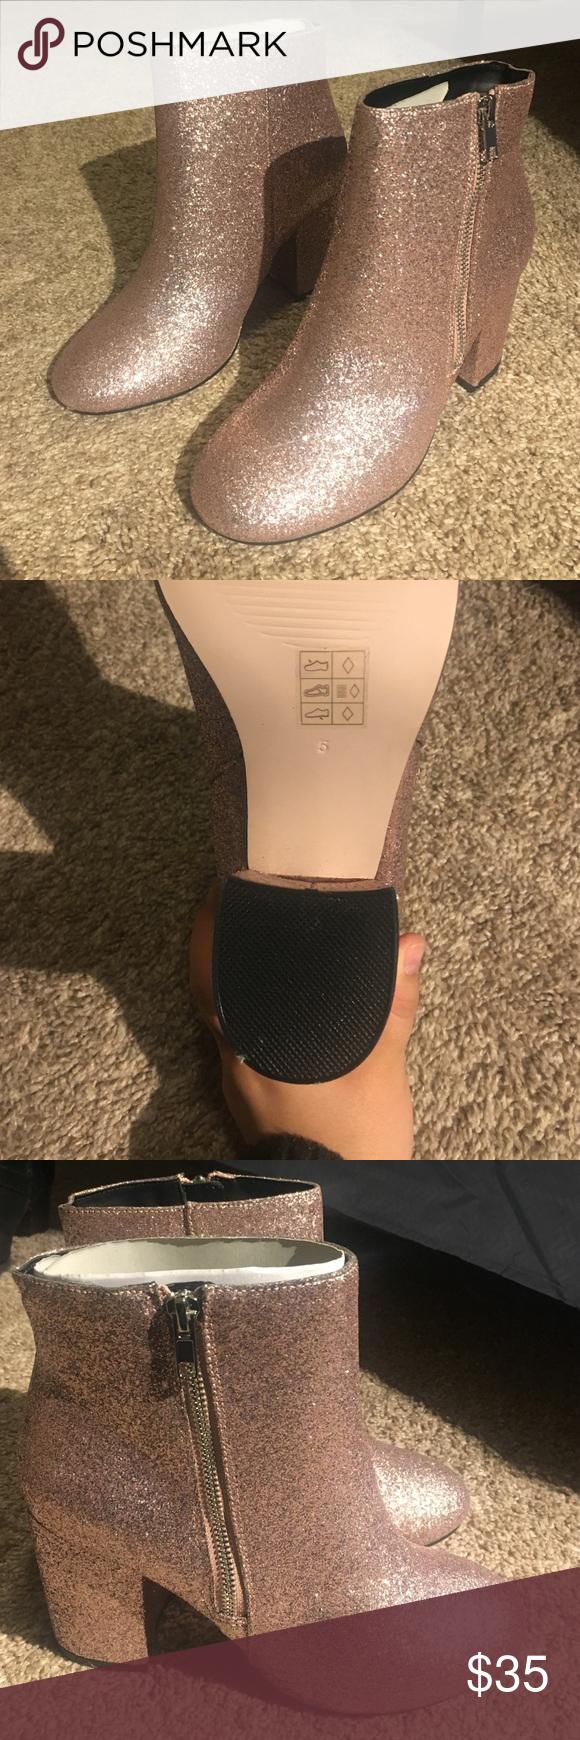 c11cf6518d9c ASOS REGAN Wide Fit Mid Heel Ankle Boots Brand new